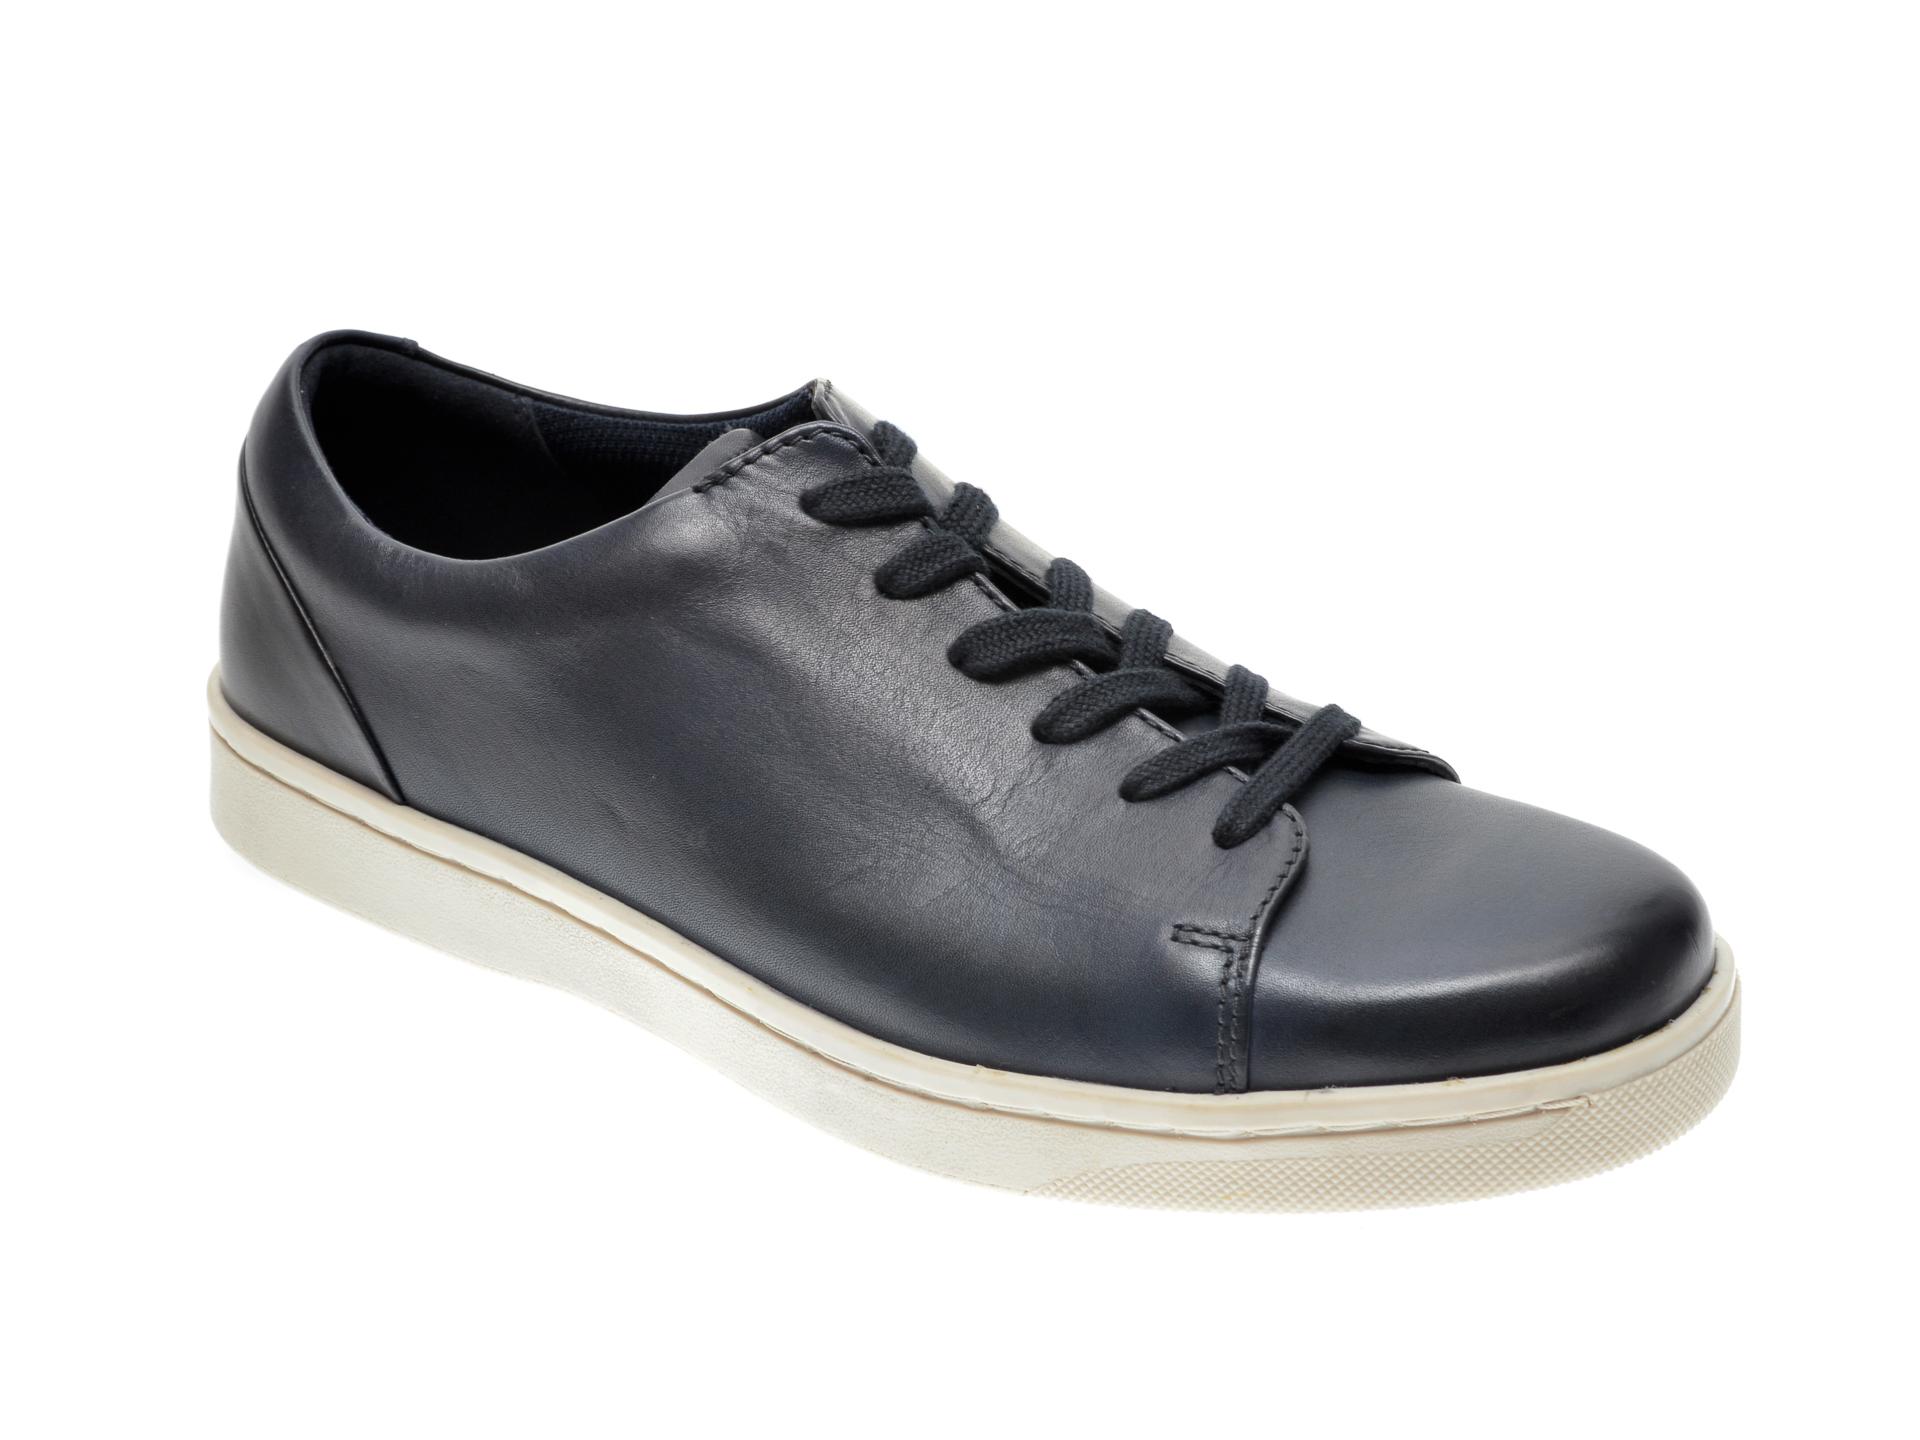 Pantofi CLARKS bleumarin, KITNA LO, din piele naturala imagine